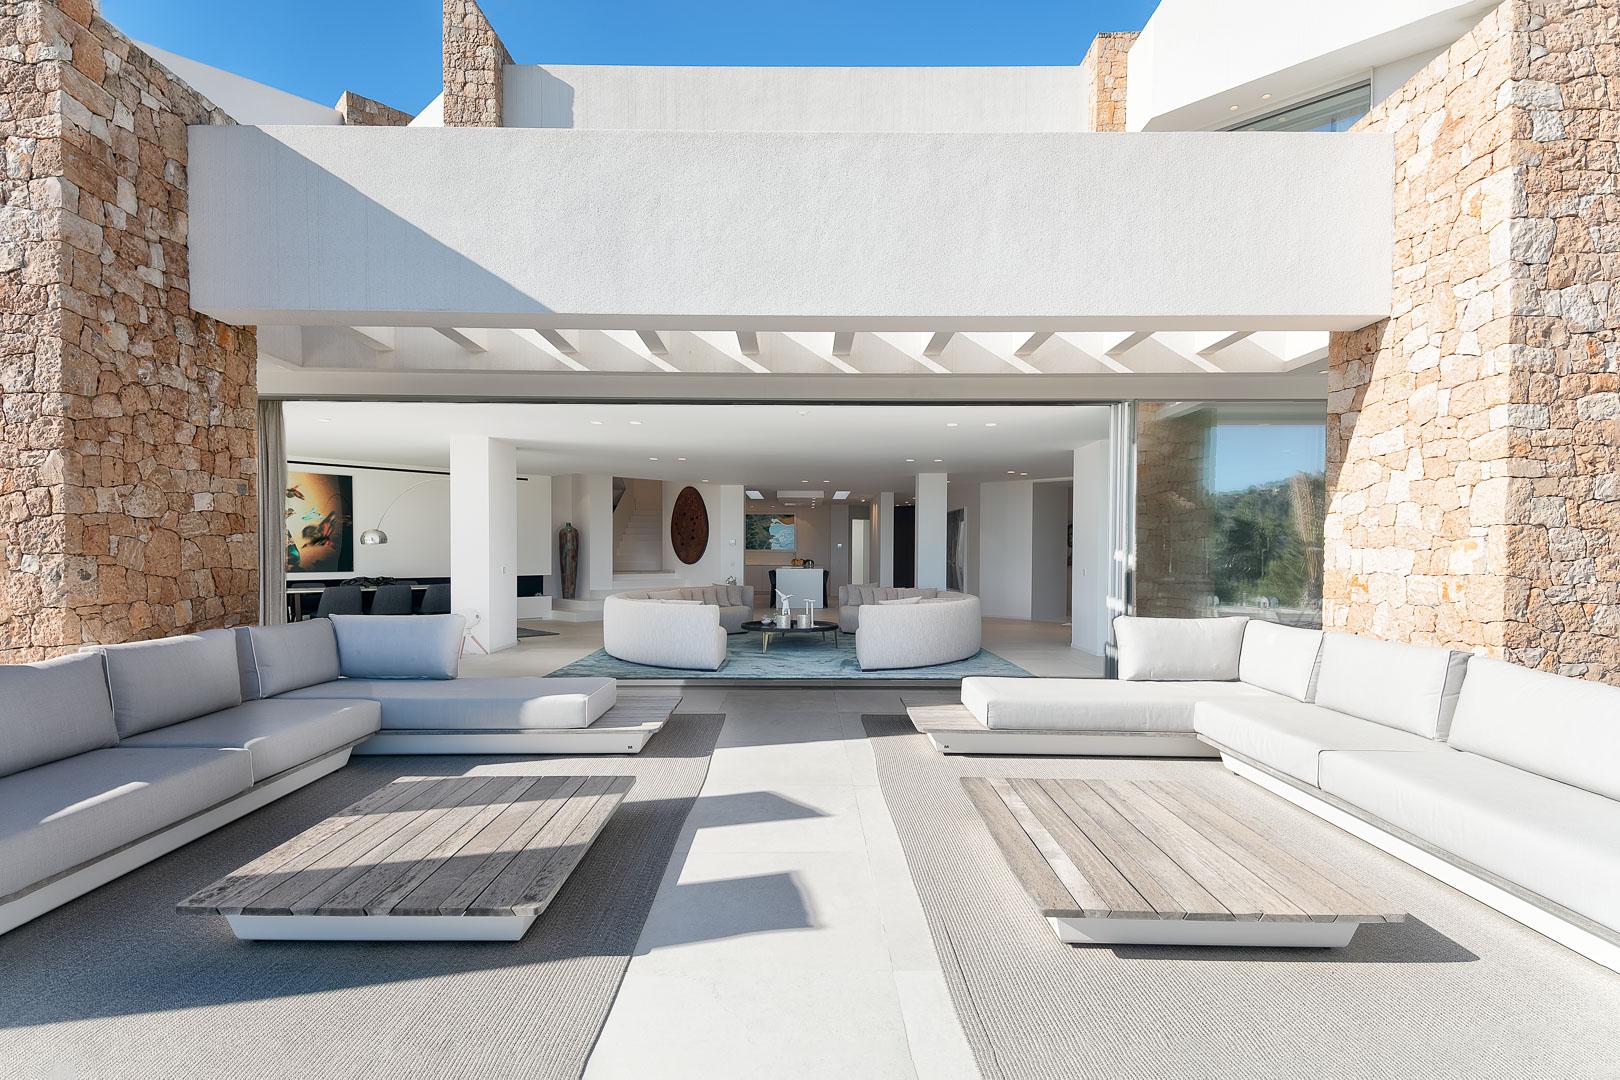 Imagen del comedor exterior de casa de campo real estate en Ibiza